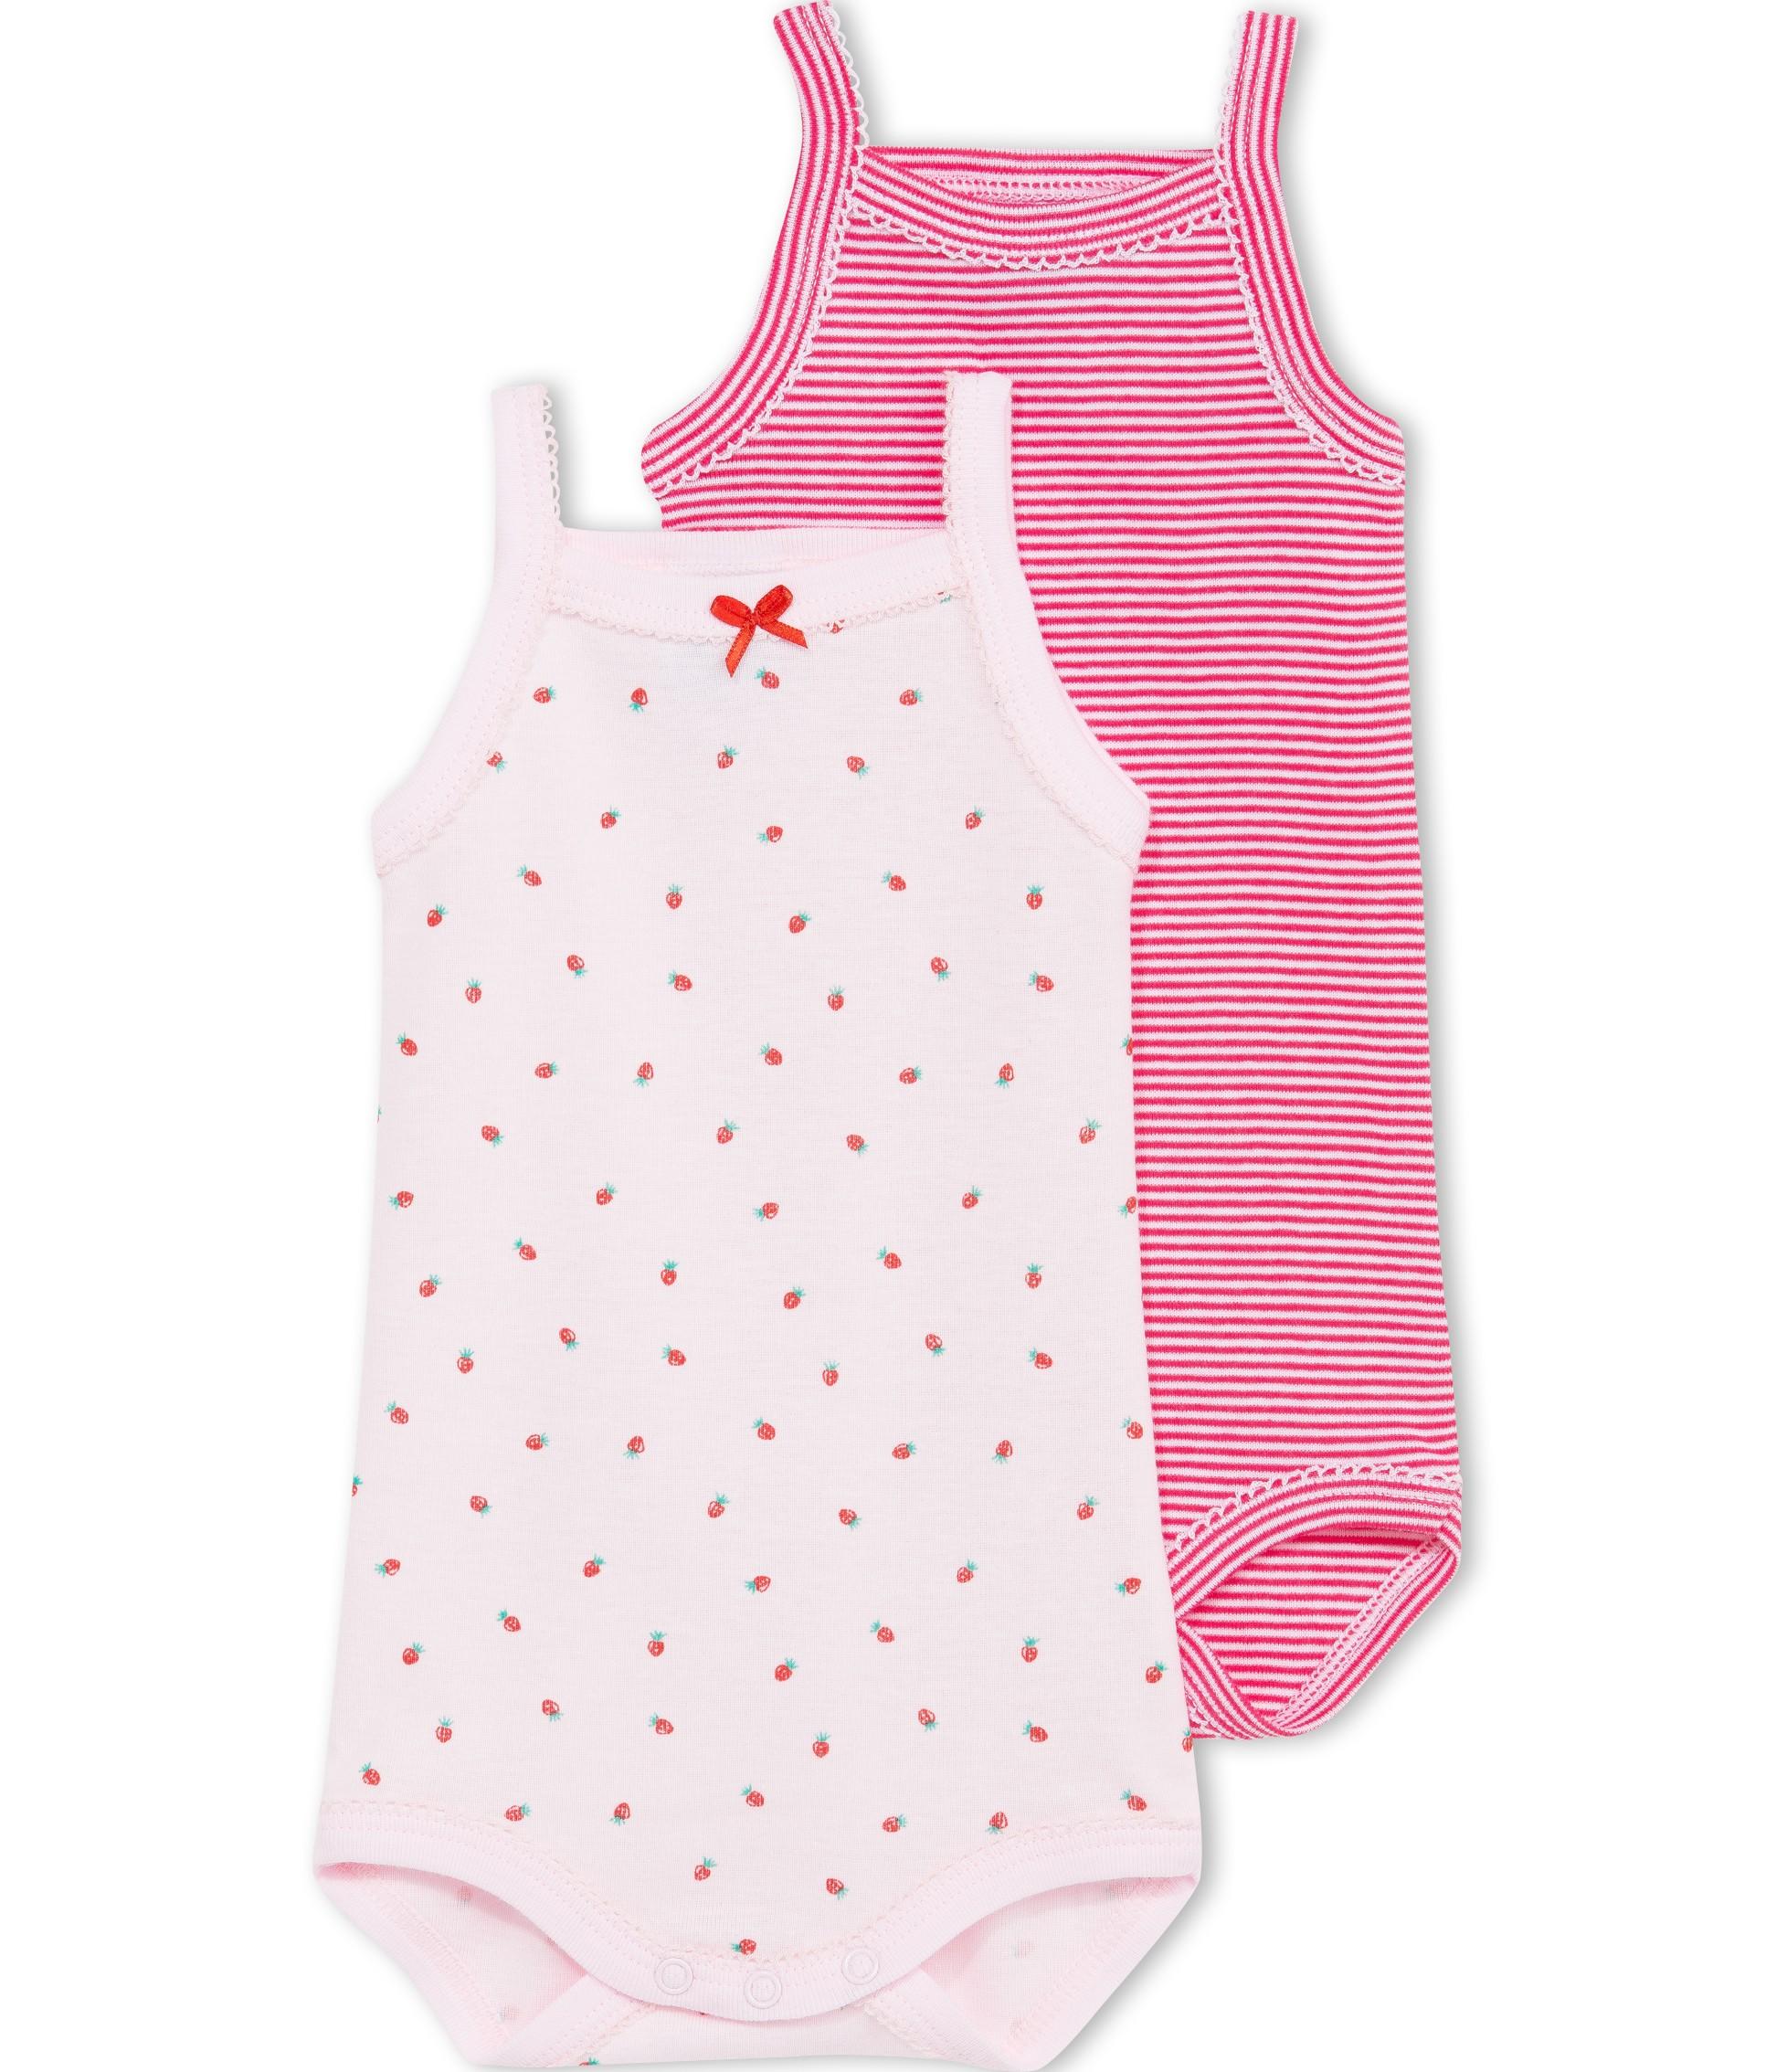 1456f11d475 PETIT BATEAU Lot de 2 bodies à bretelles bébé fille rose